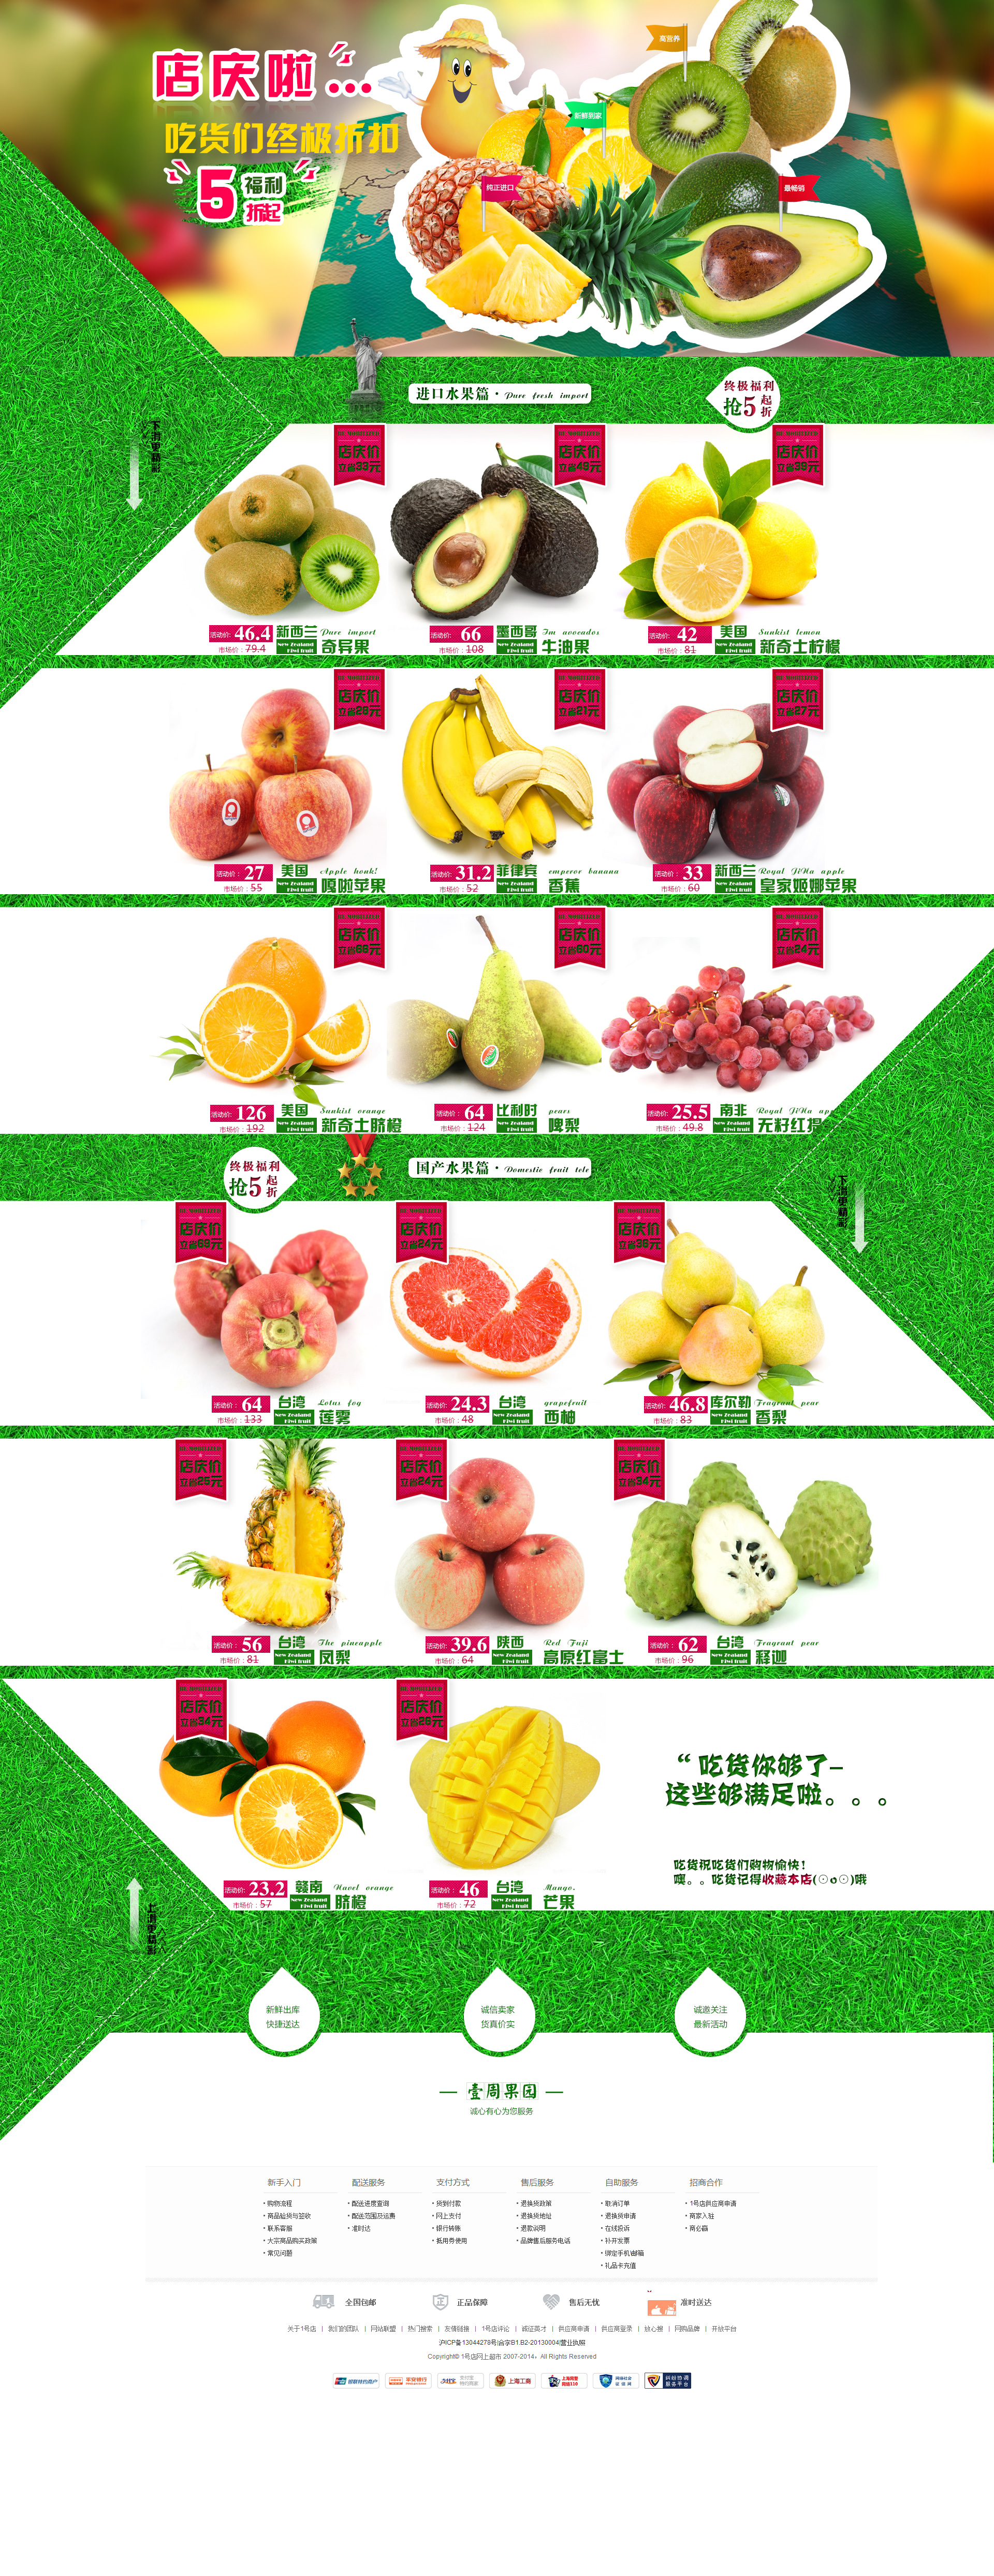 店庆首页 水果 牛油果 奇异果 水果海报 水果网页 电商设计 水果主题图片